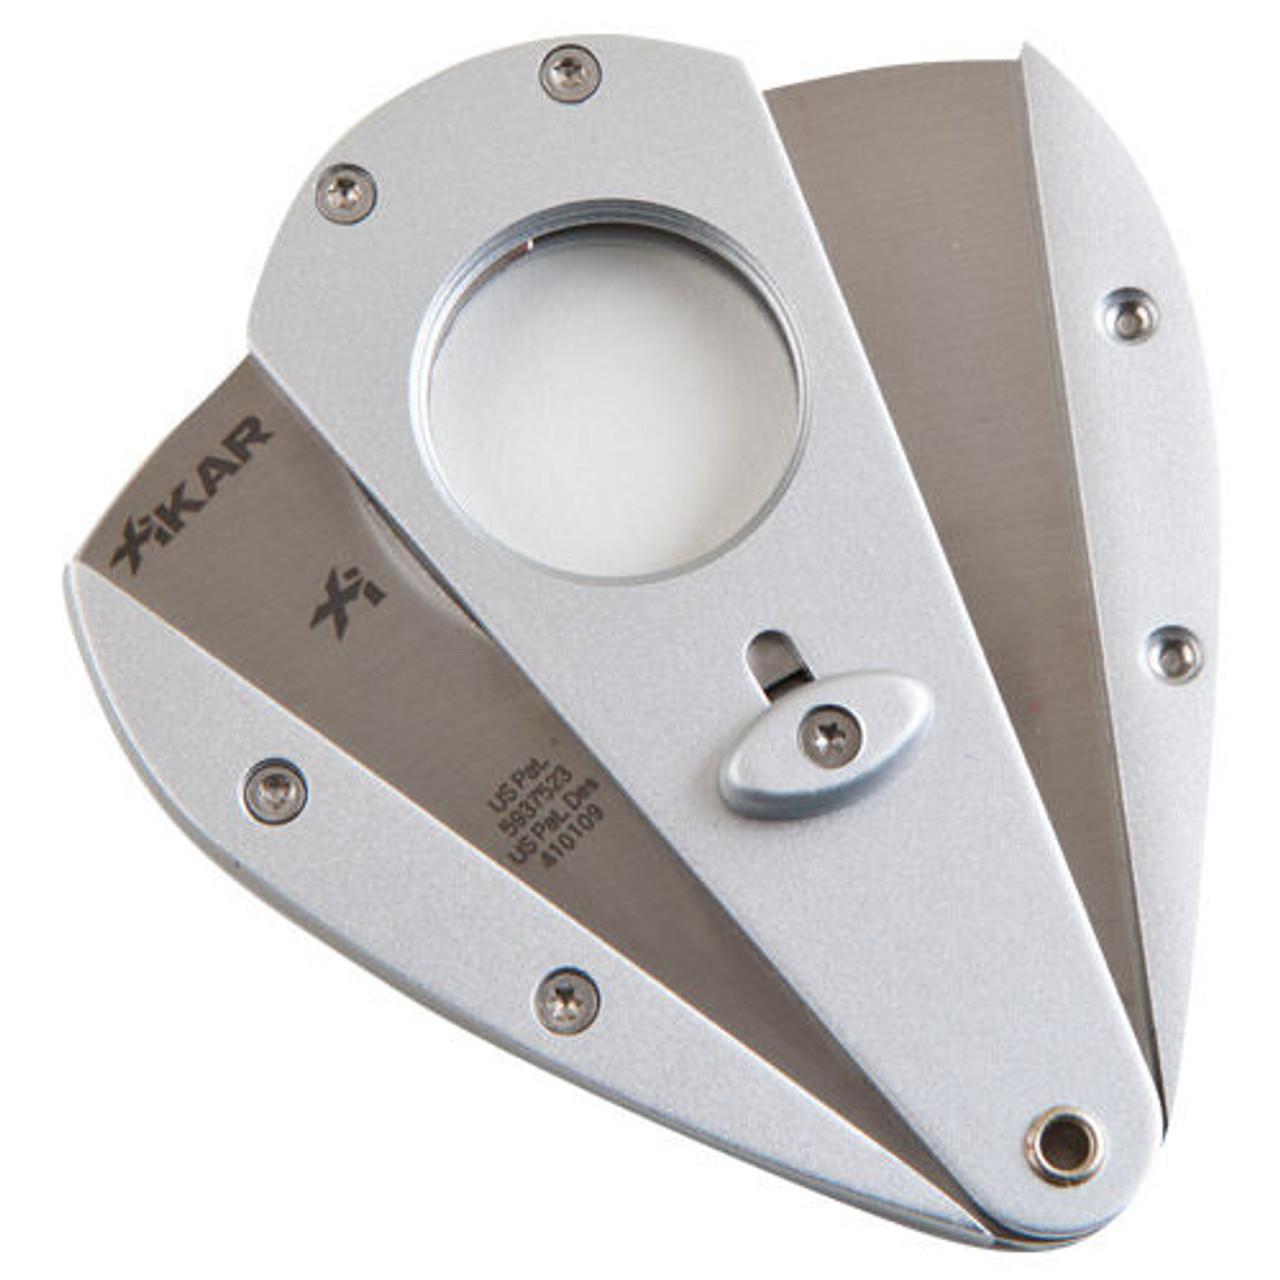 XI1 Silver Xikar Cigar Cutter - Double Blade Cutter (XI-Silver-3CCX1S)